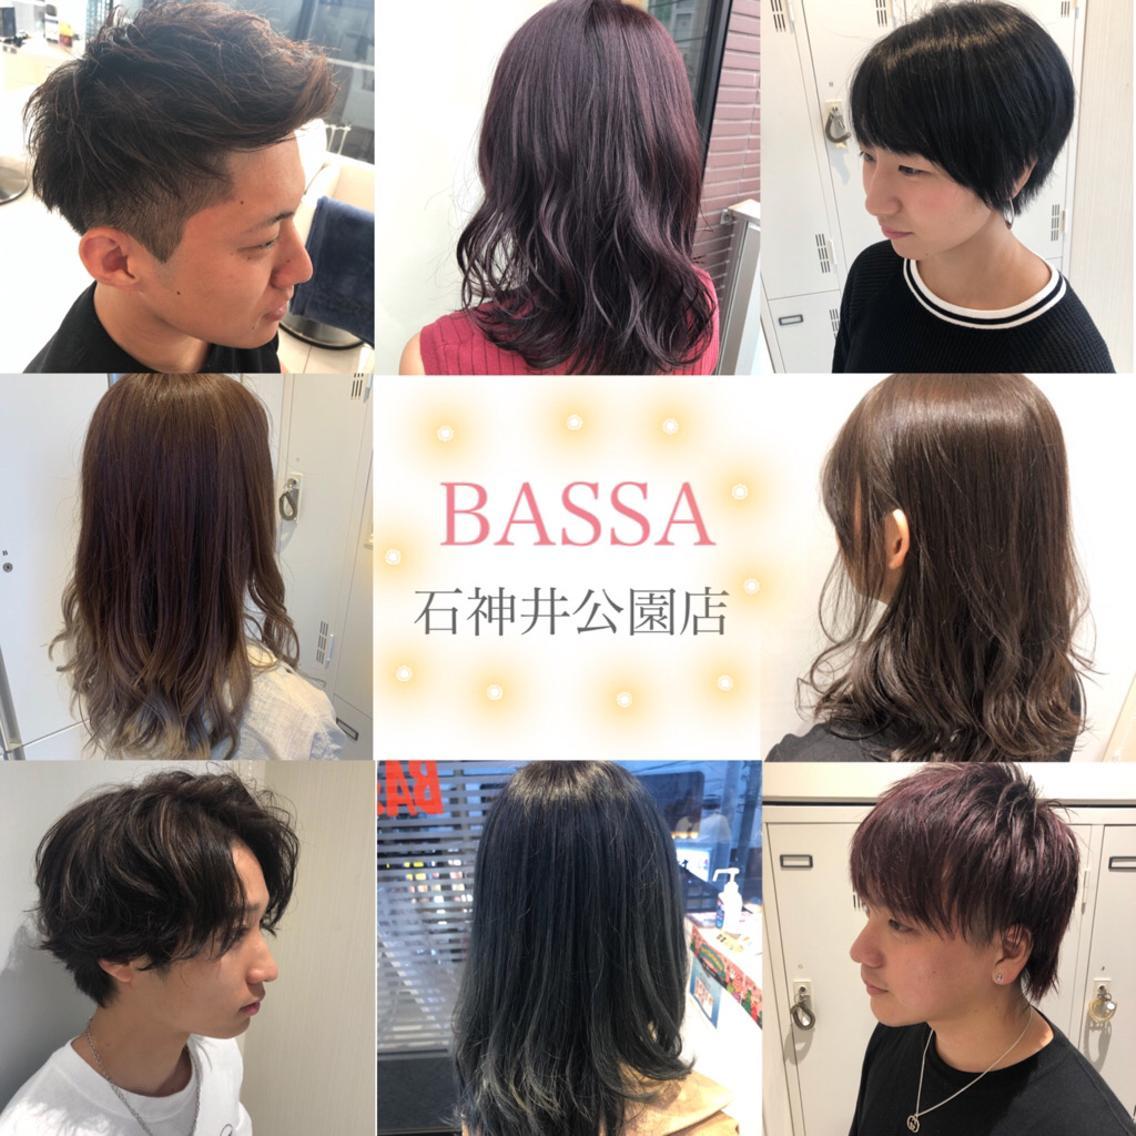 BASSA石神井公園店所属・野村彩華の掲載